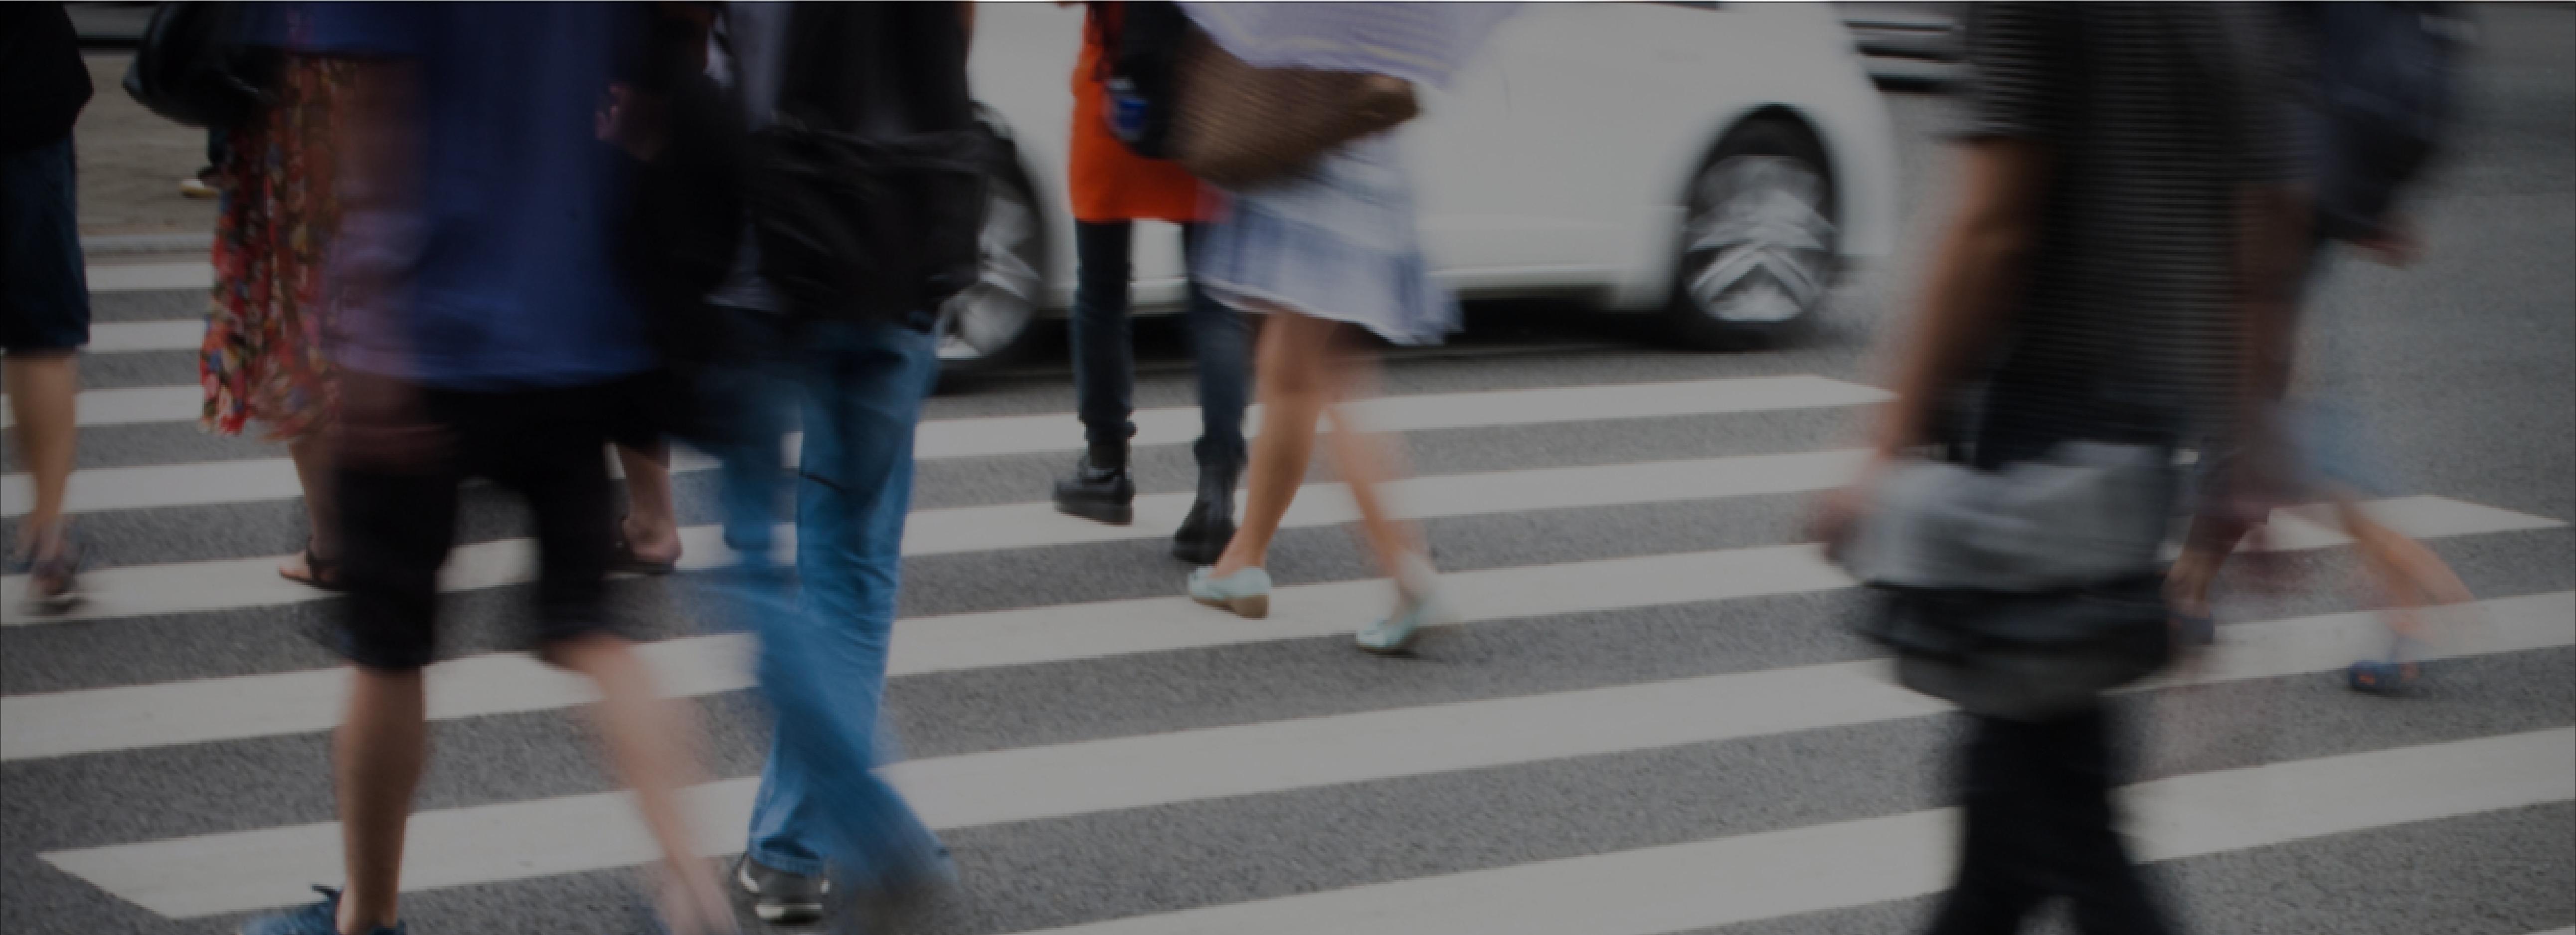 Pedestrian Injuries Lawyer